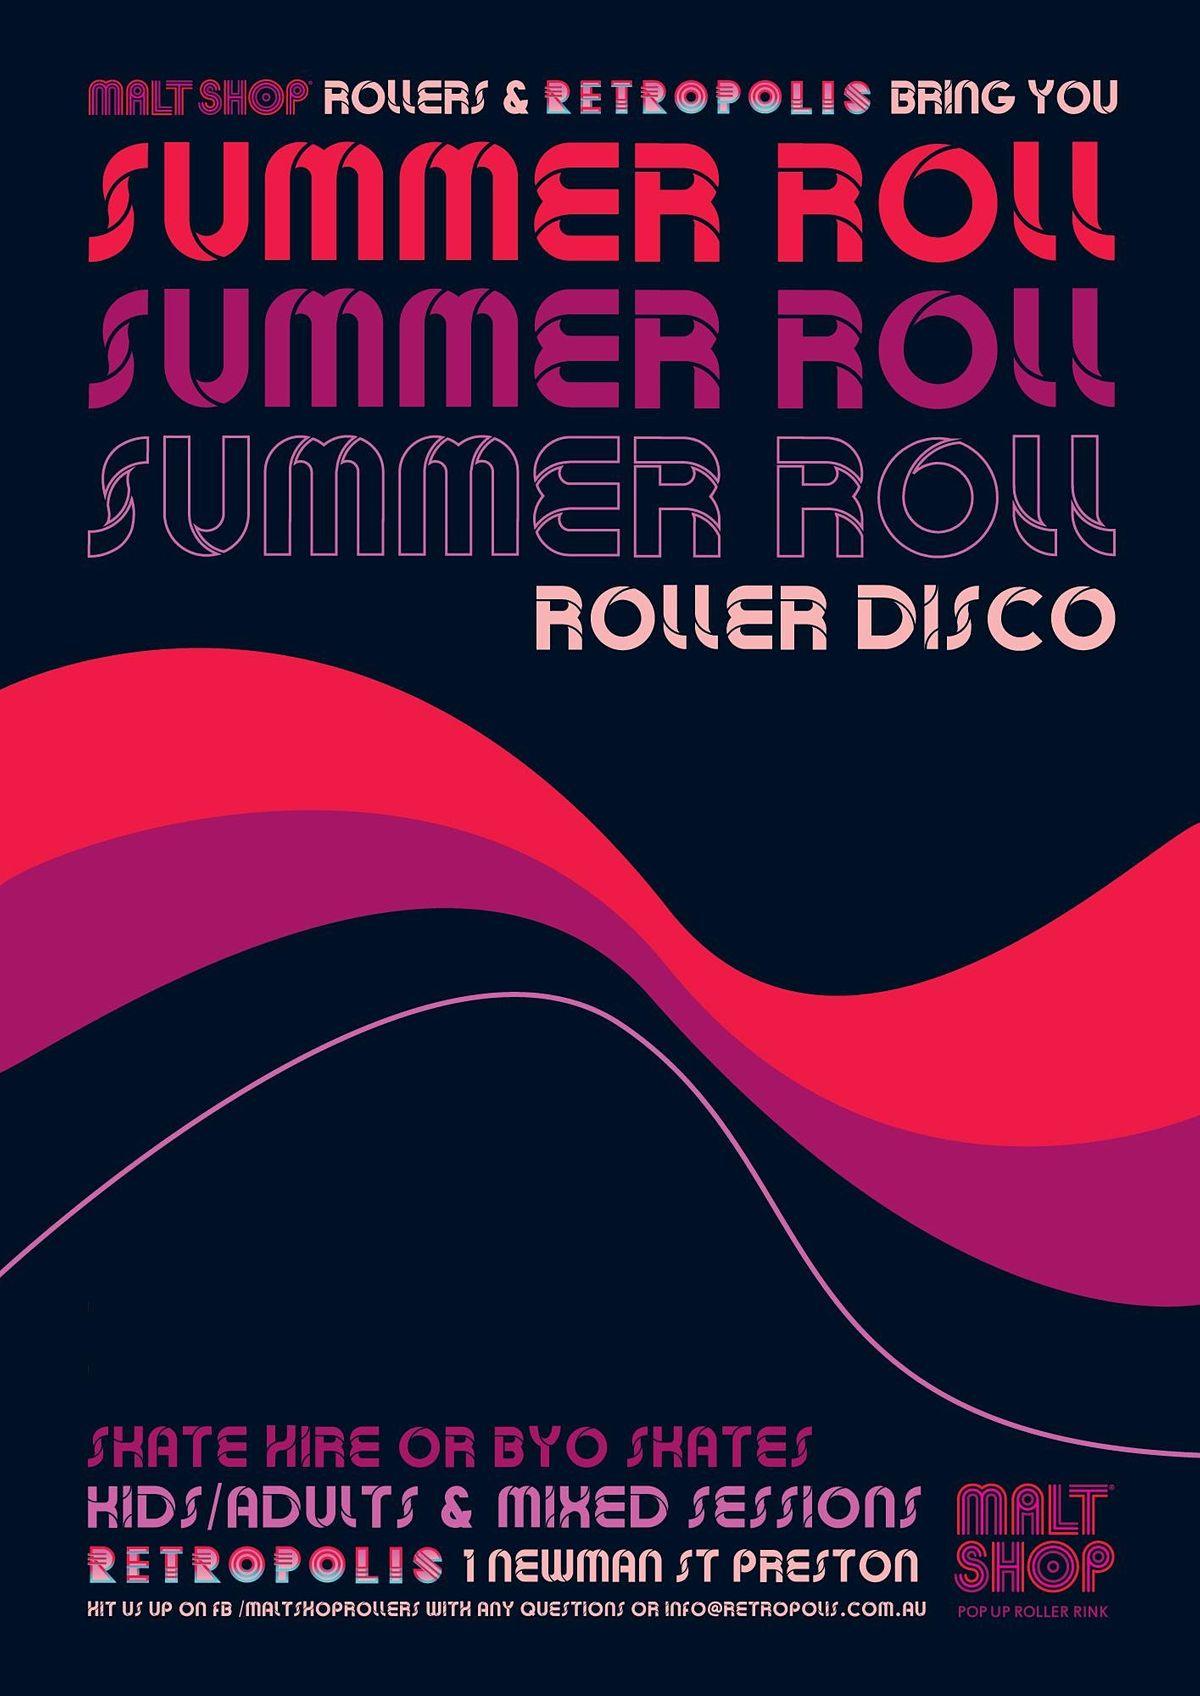 Summer Roll - a Retropolis ROLLER DISCO   Event in Preston   AllEvents.in